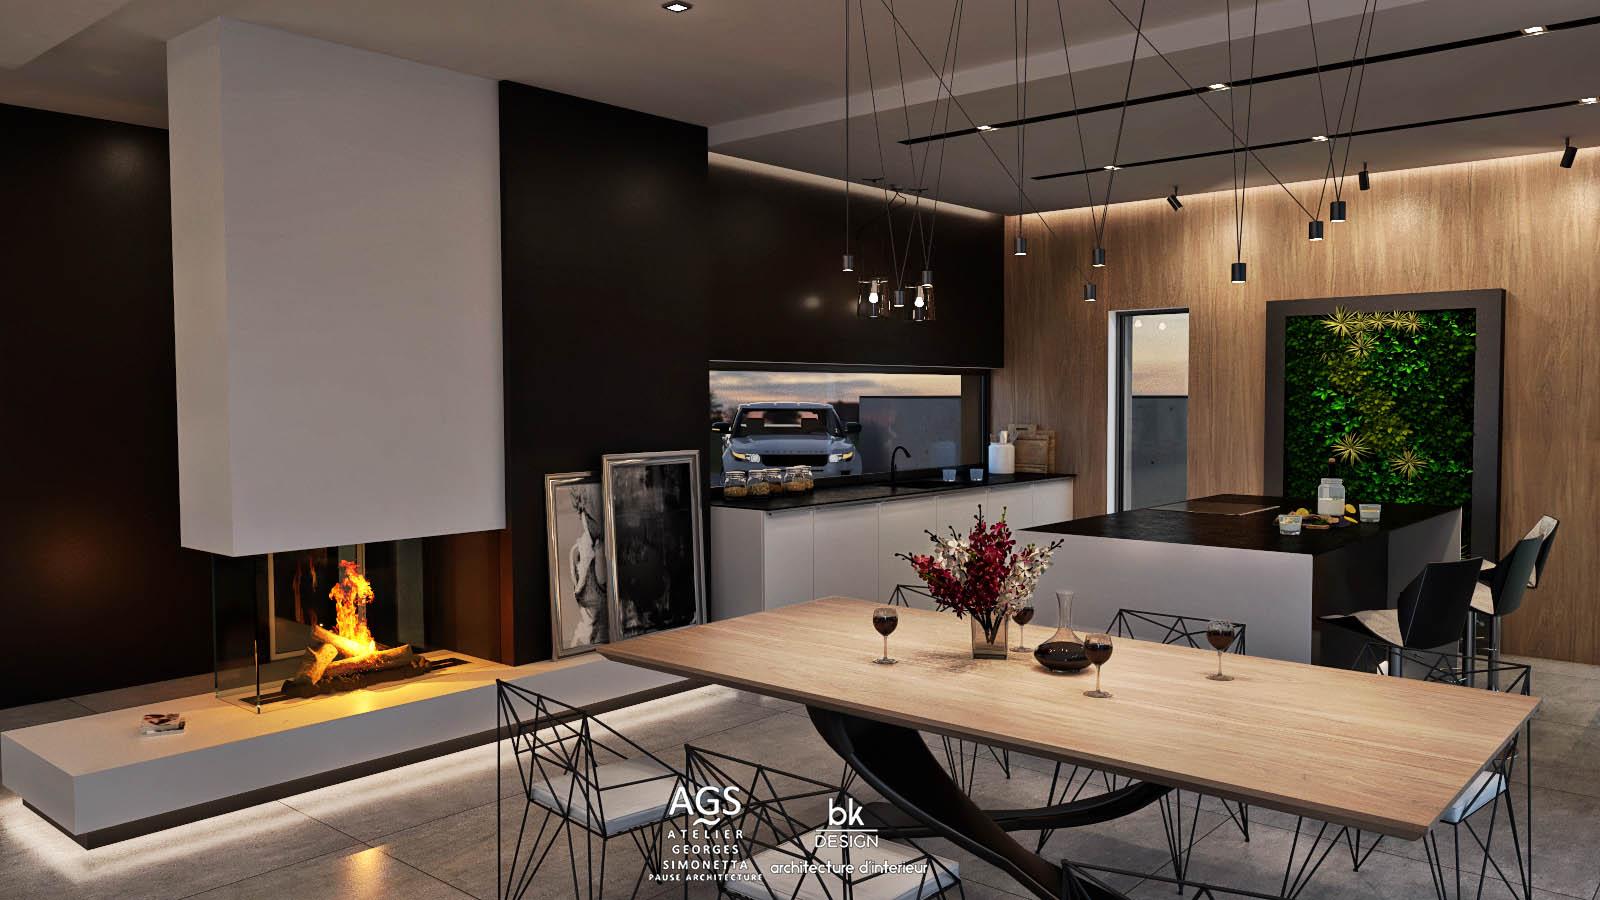 24 bk Design Projet Elange v501 Cuisine